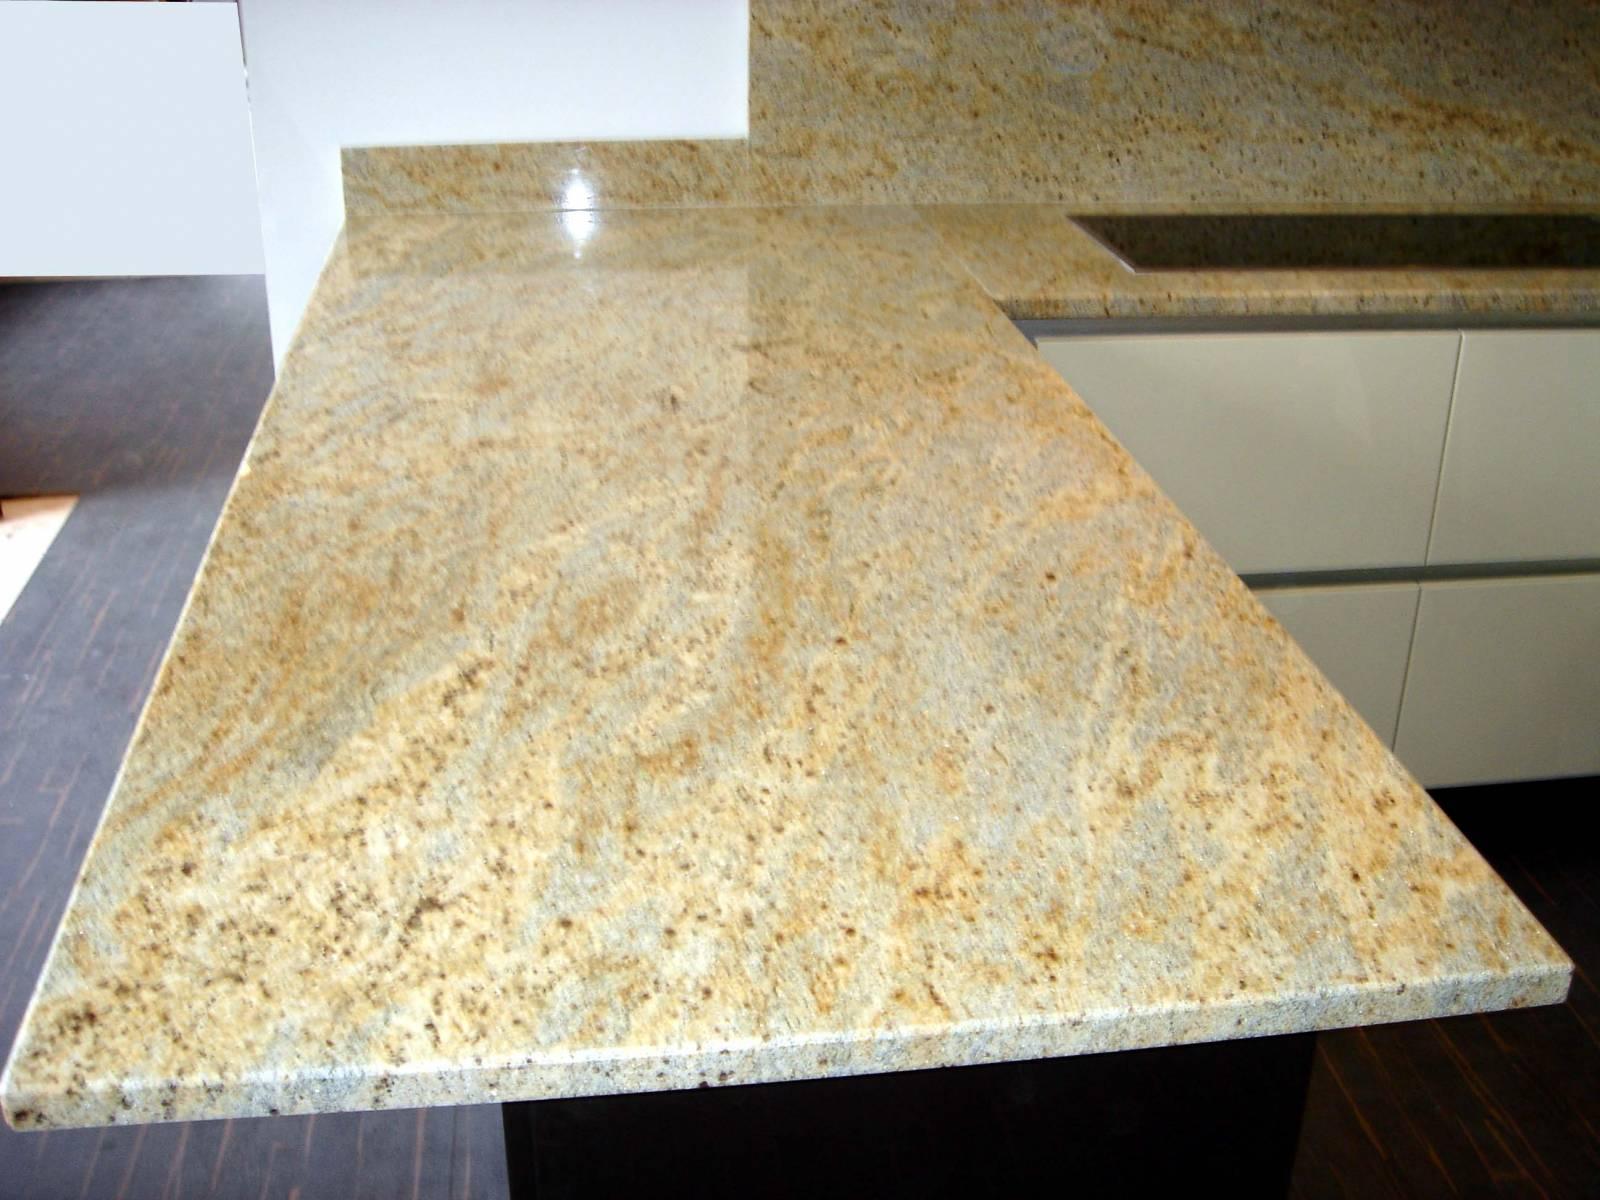 Plan De Travail Granit Beige plan de travail en granit - pierre naturelle, marbre, granit